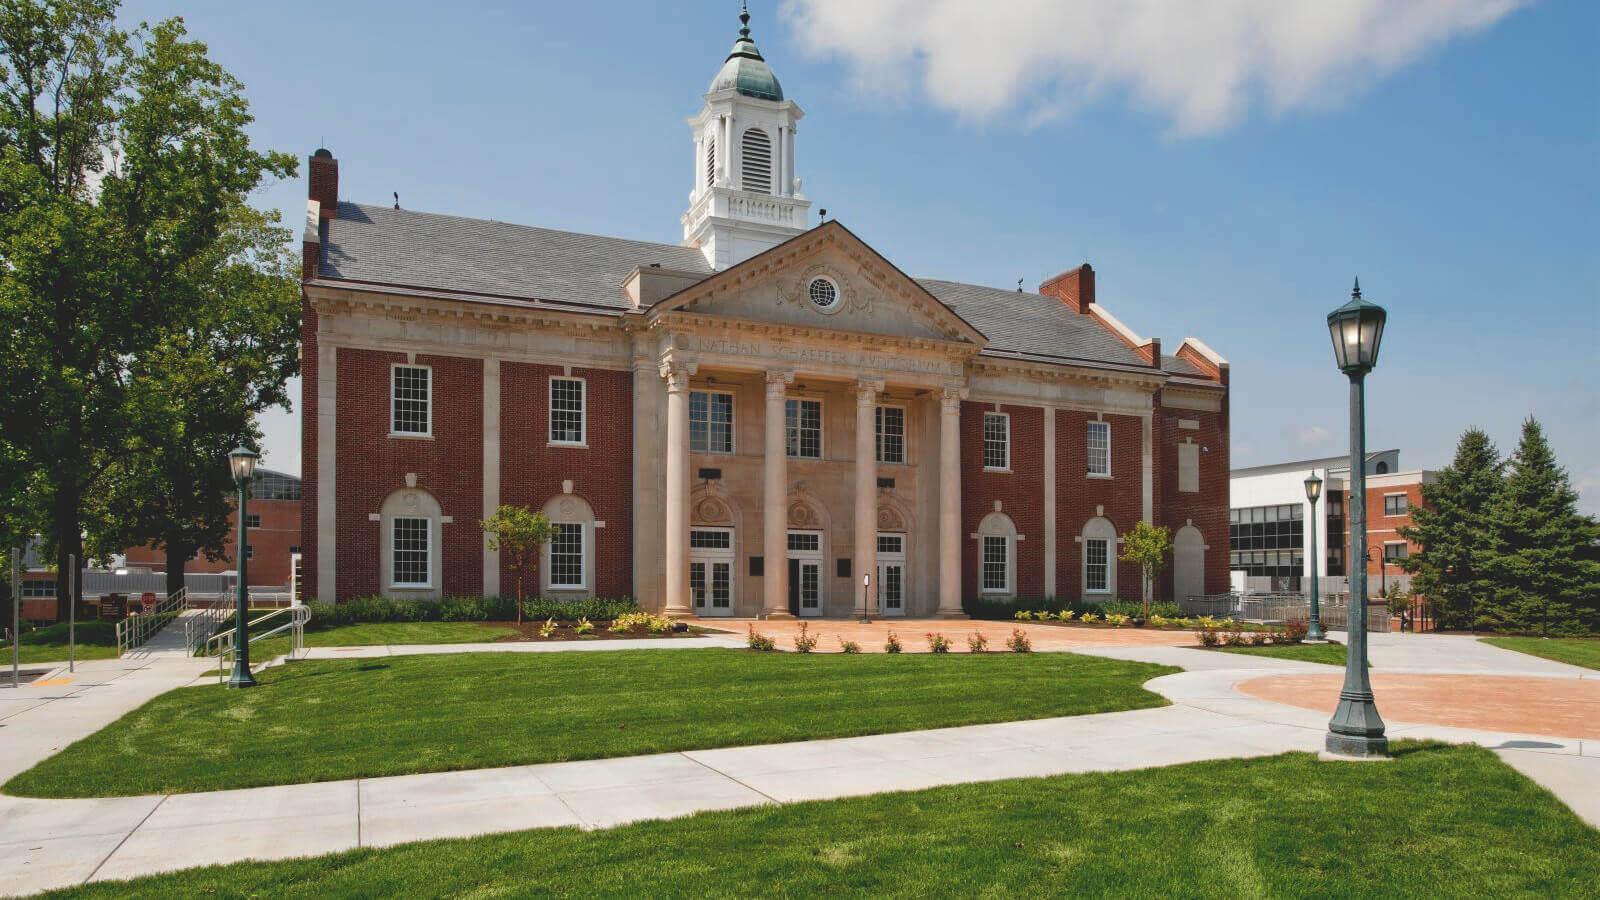 Kutztown University Of Pennsylvania >> Kutztown University Of Pennsylvania Cappex